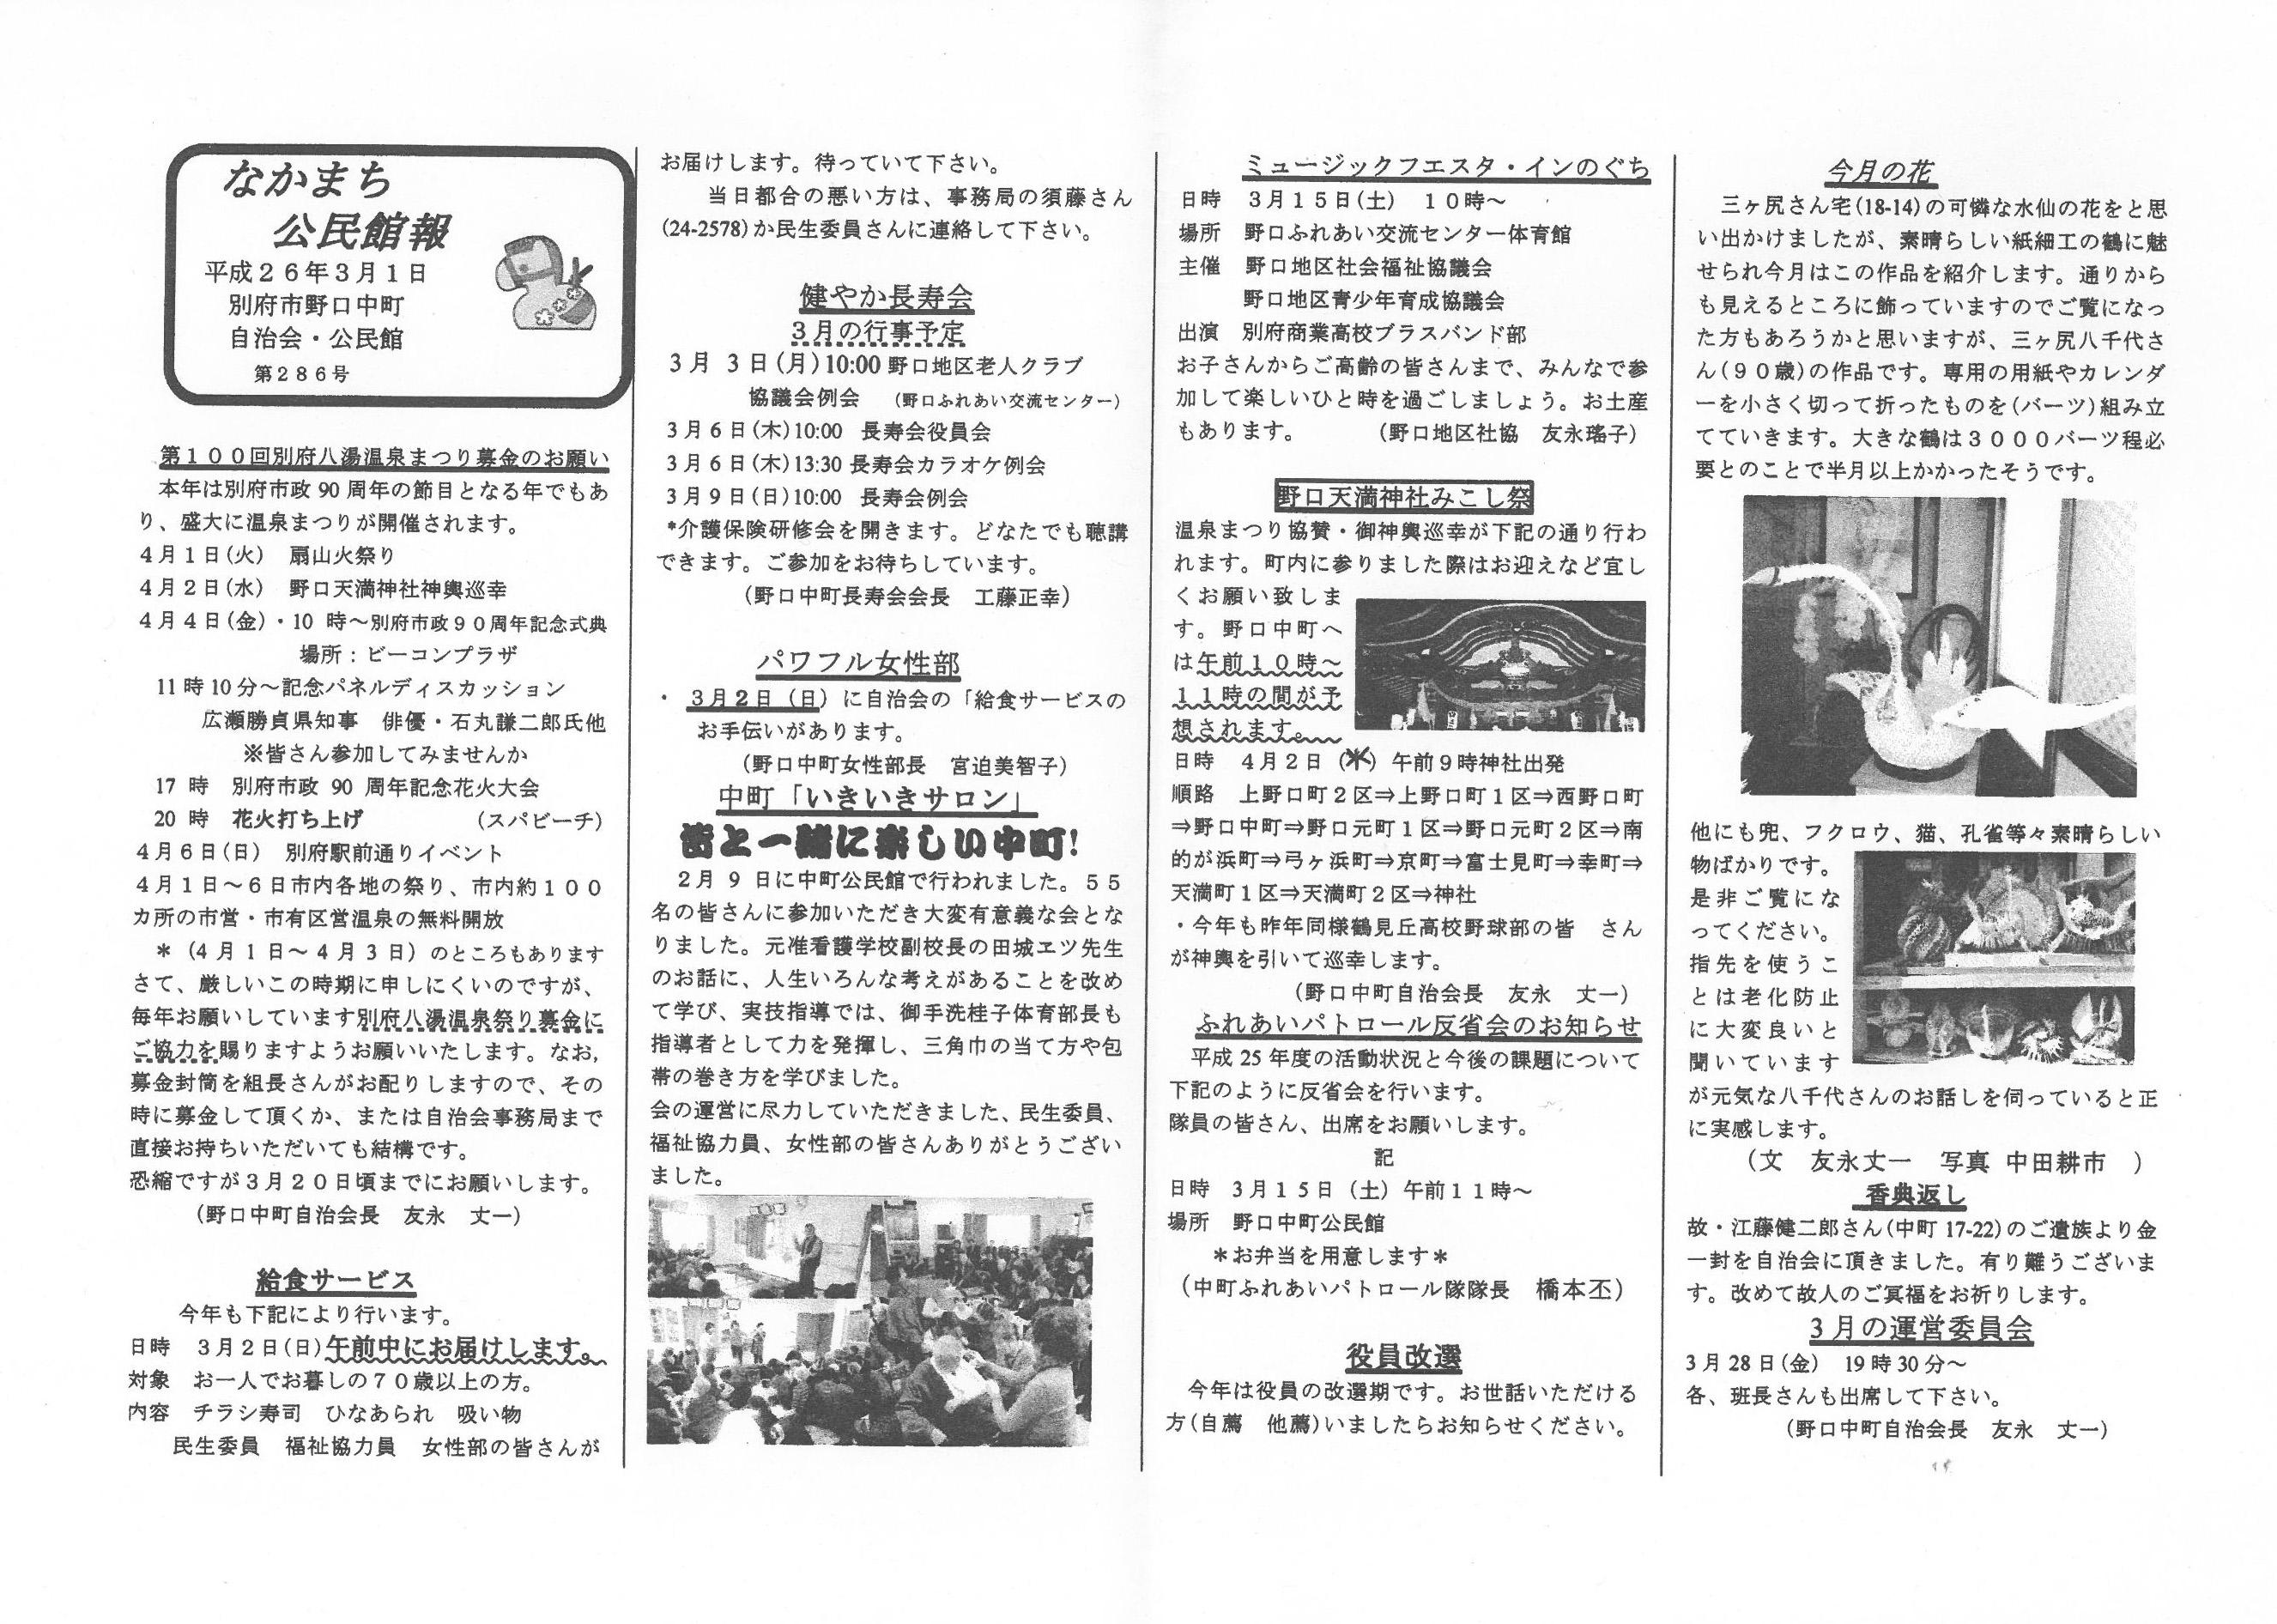 noguchinakamachi2014_03